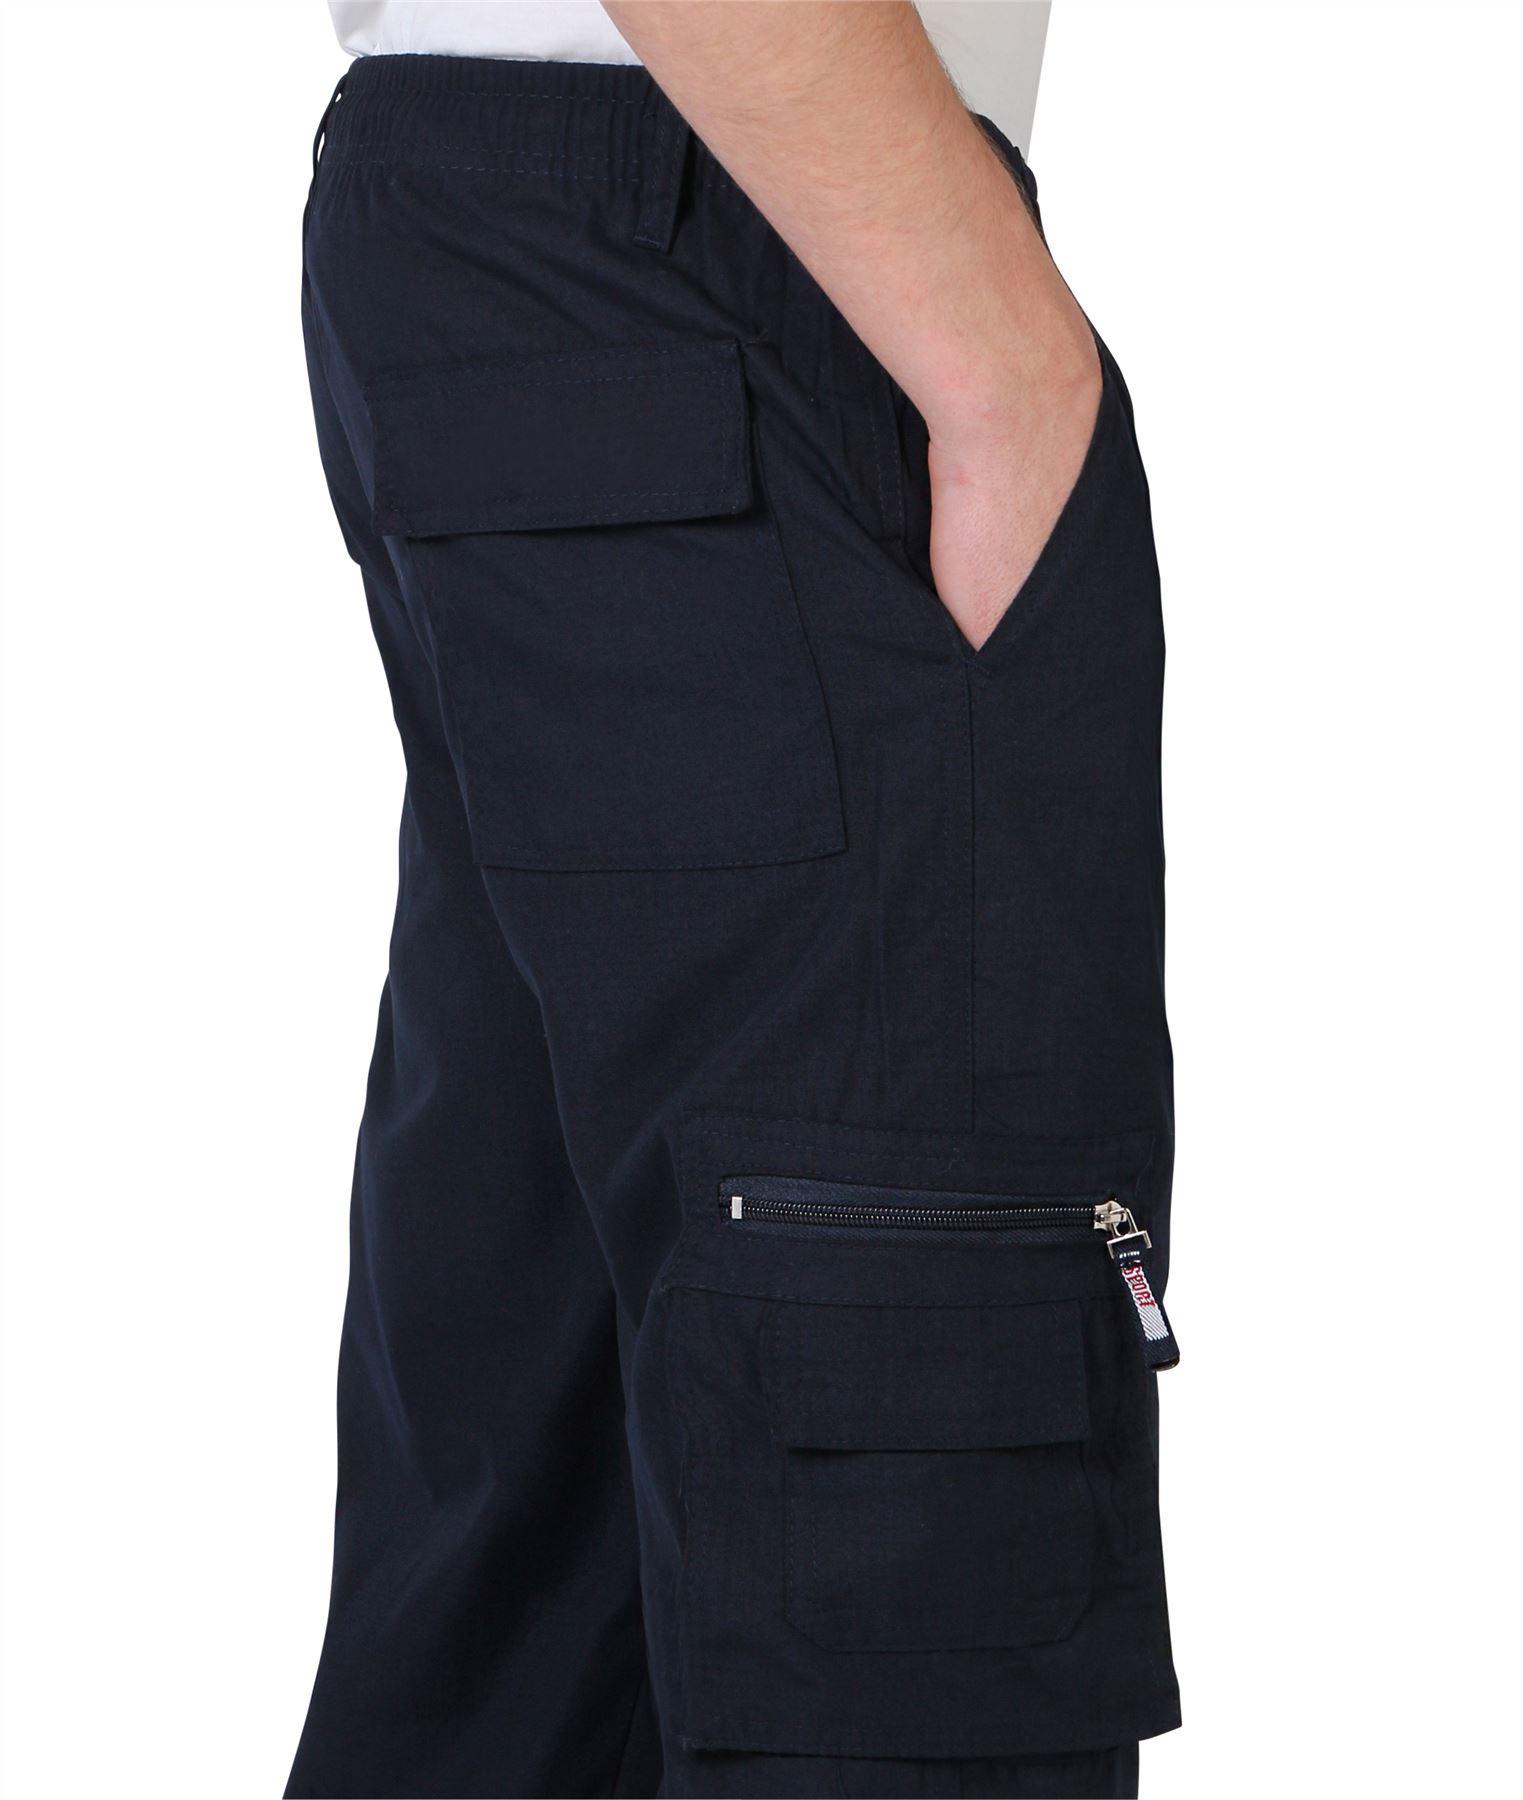 Uomo-Militare-Cargo-Pantaloni-Cotone-Lavoro-Chino-Casual-Kaki miniatura 27